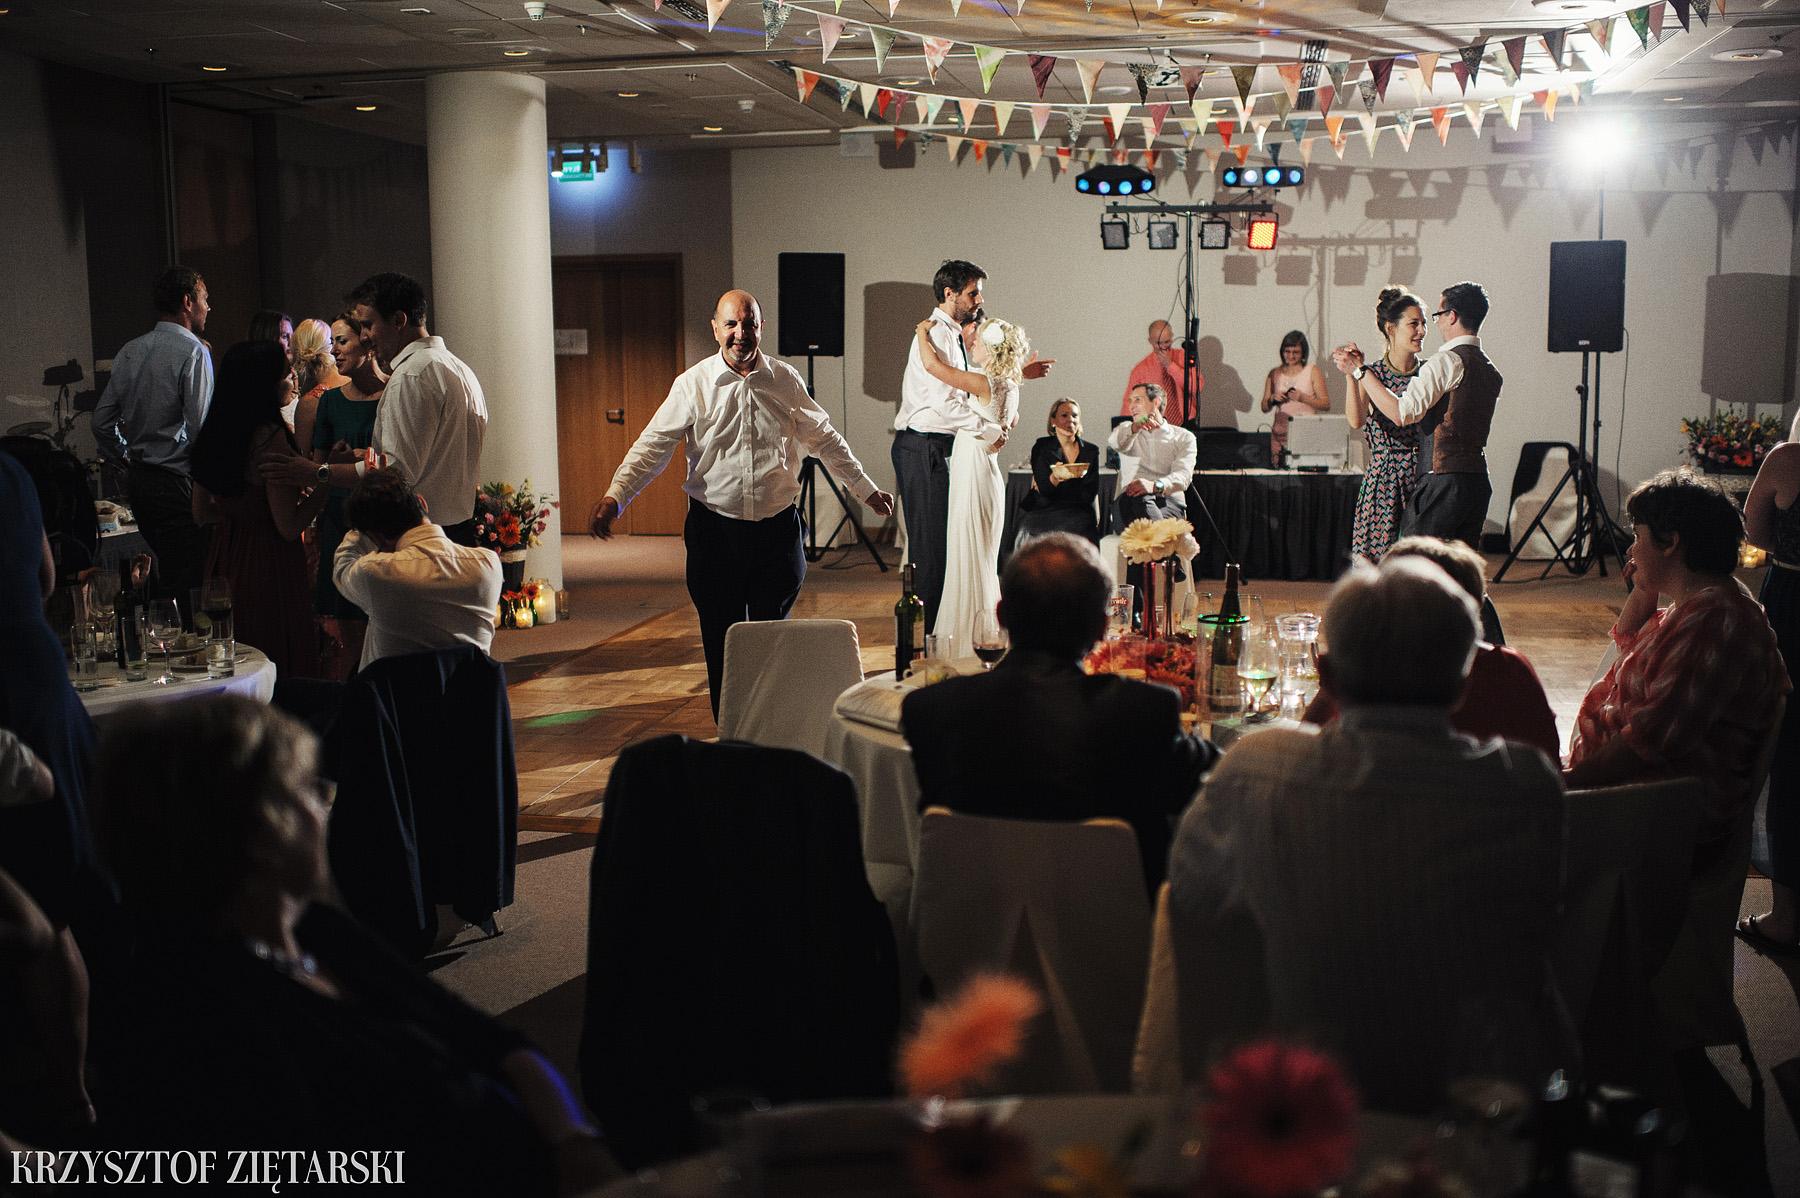 Marysia i Ollie - Fotografia ślubna Gdańsk, Katedra Oliwska, wesele Hotel Mera Sopot, plener Gdynia Orłowo - 103.